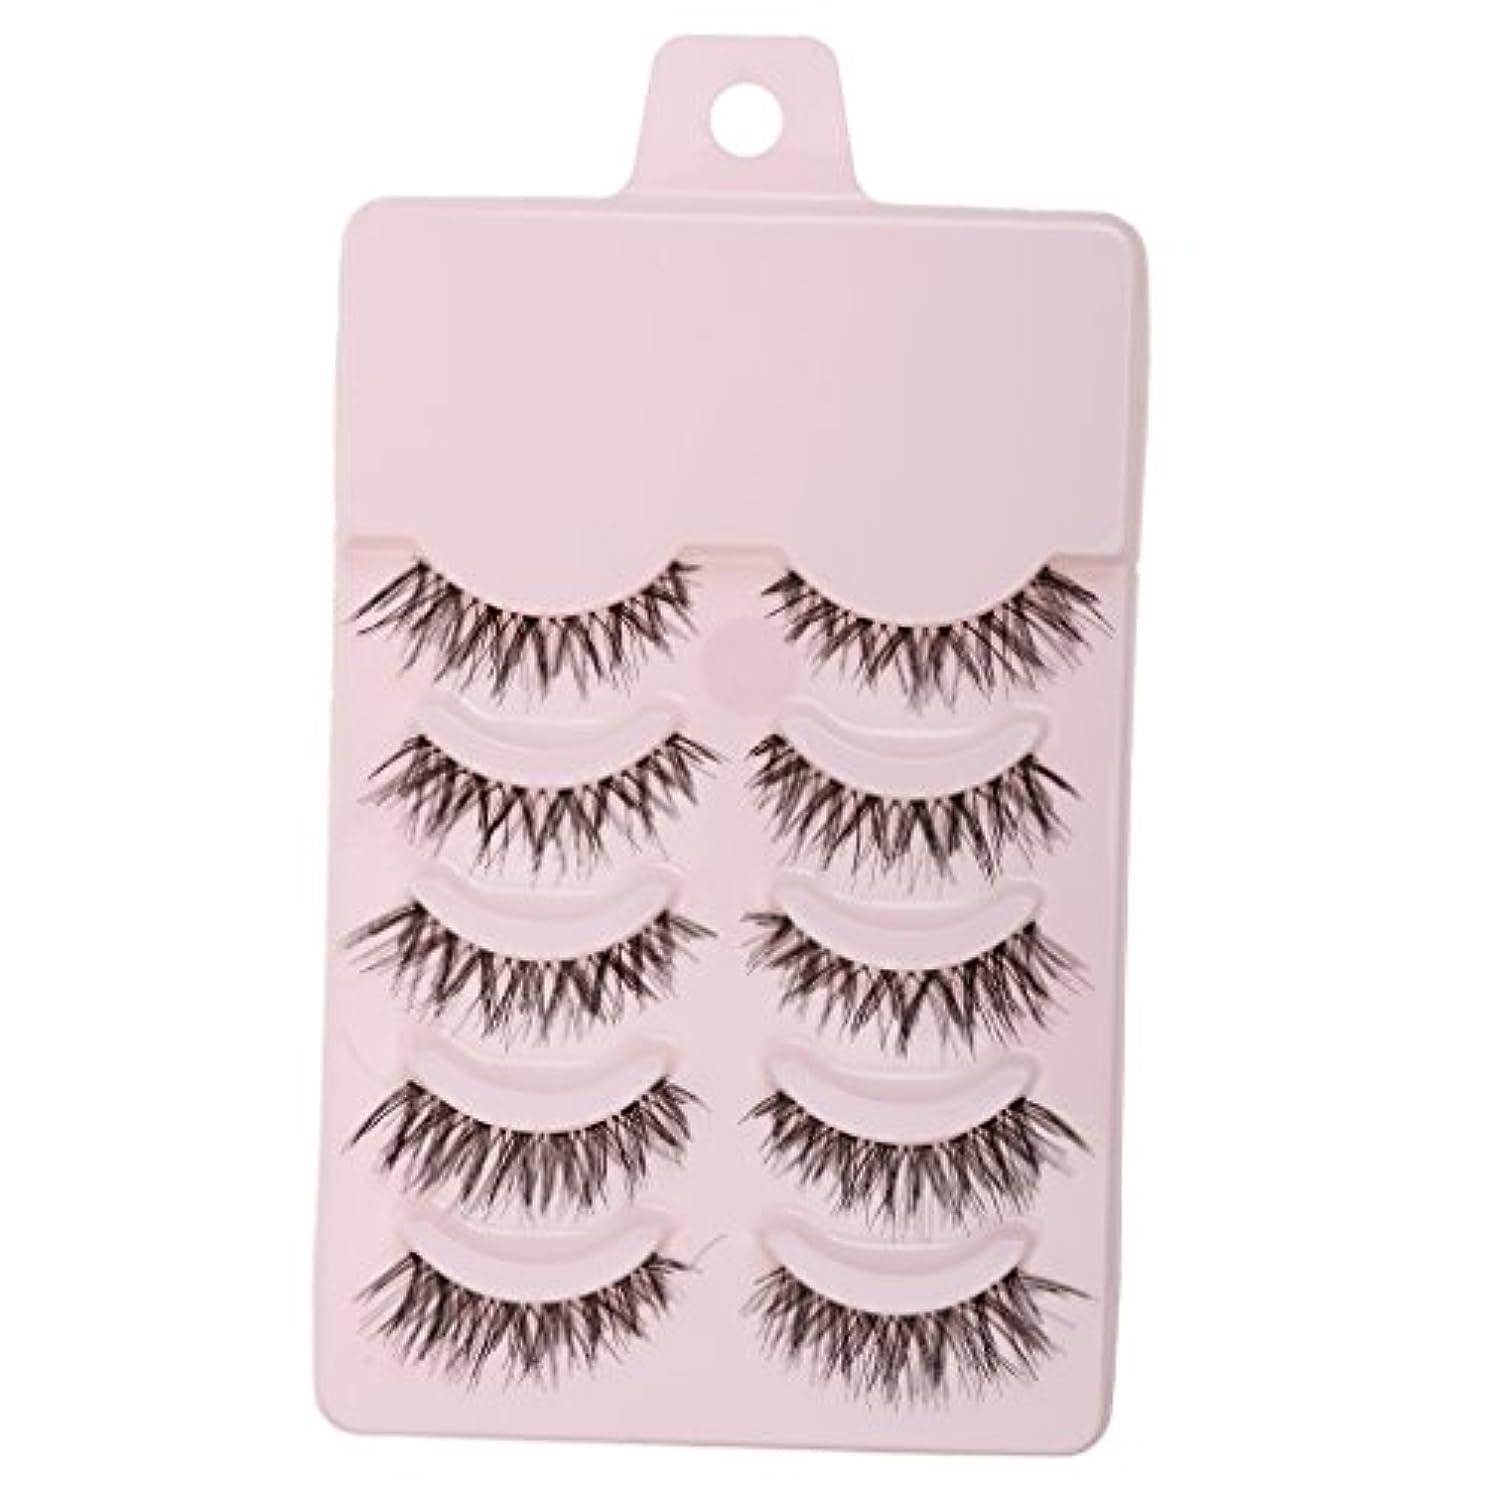 固有のスライス密KOZEEY美容 メイク 手作り メッシー クロス スタイル つけまつげ 5色選ぶ - ピンク